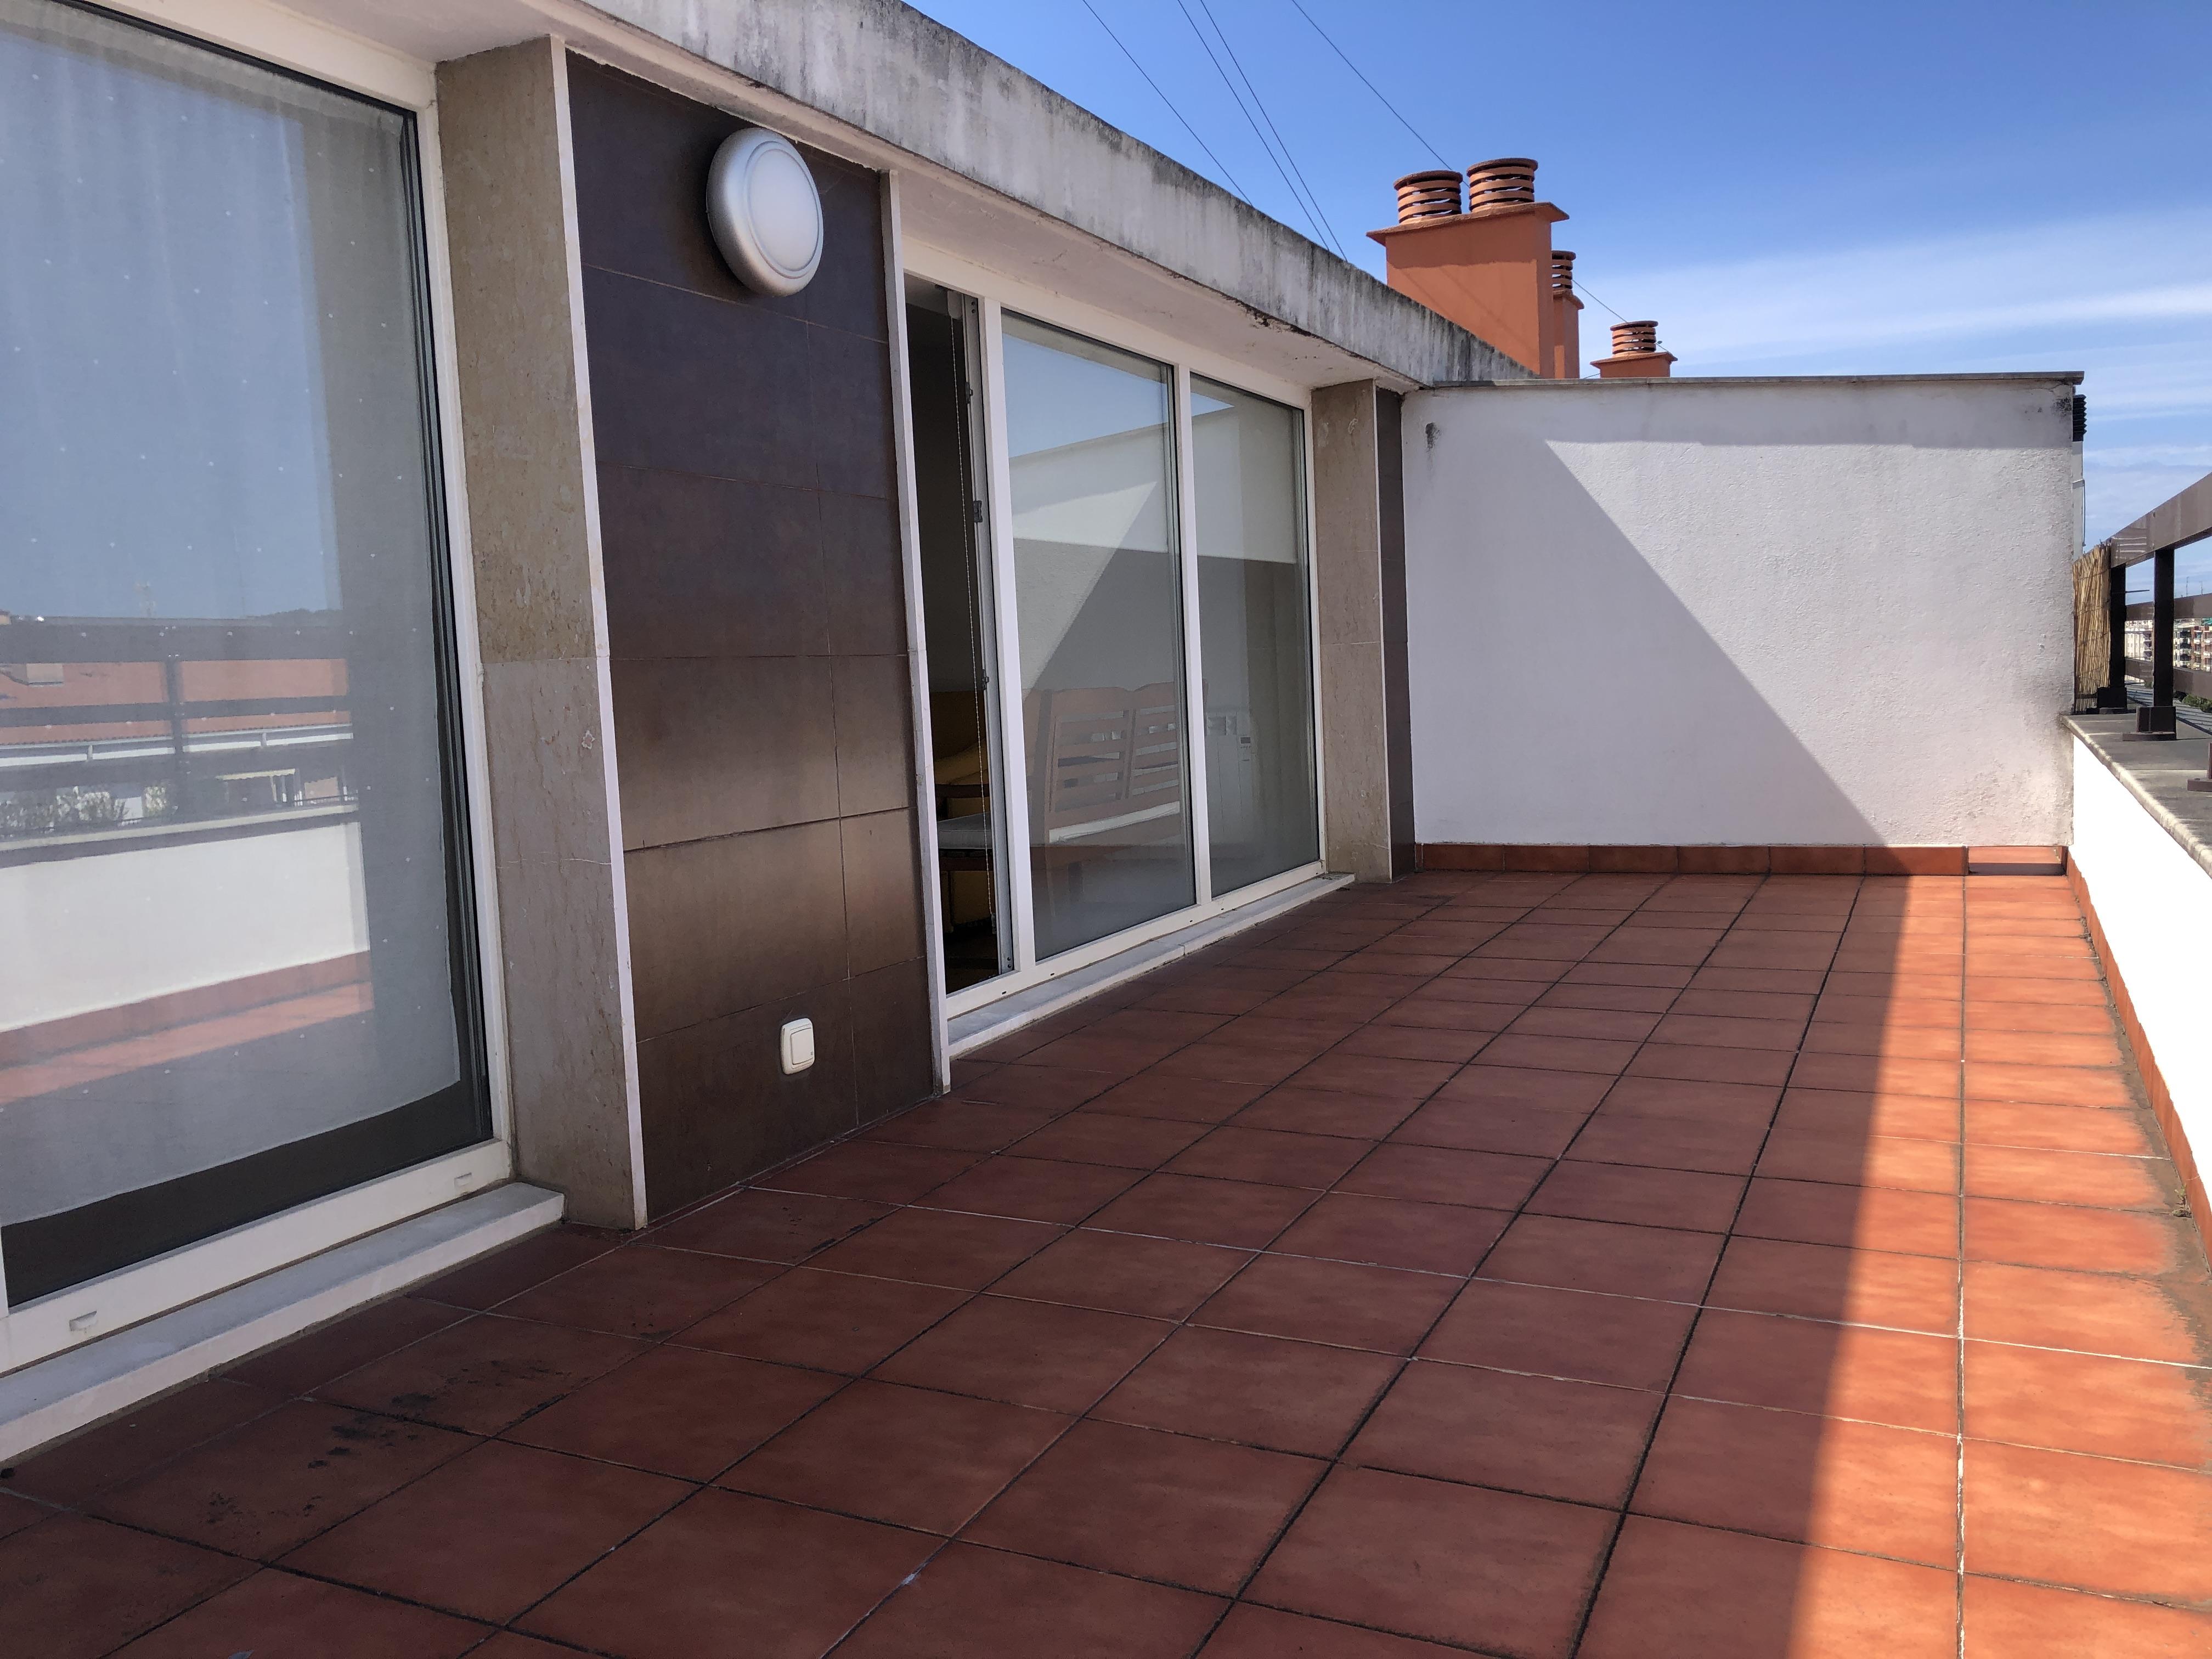 OFICINA Reformada 2015 en Amara. Impresionante Terraza de 22,00m2